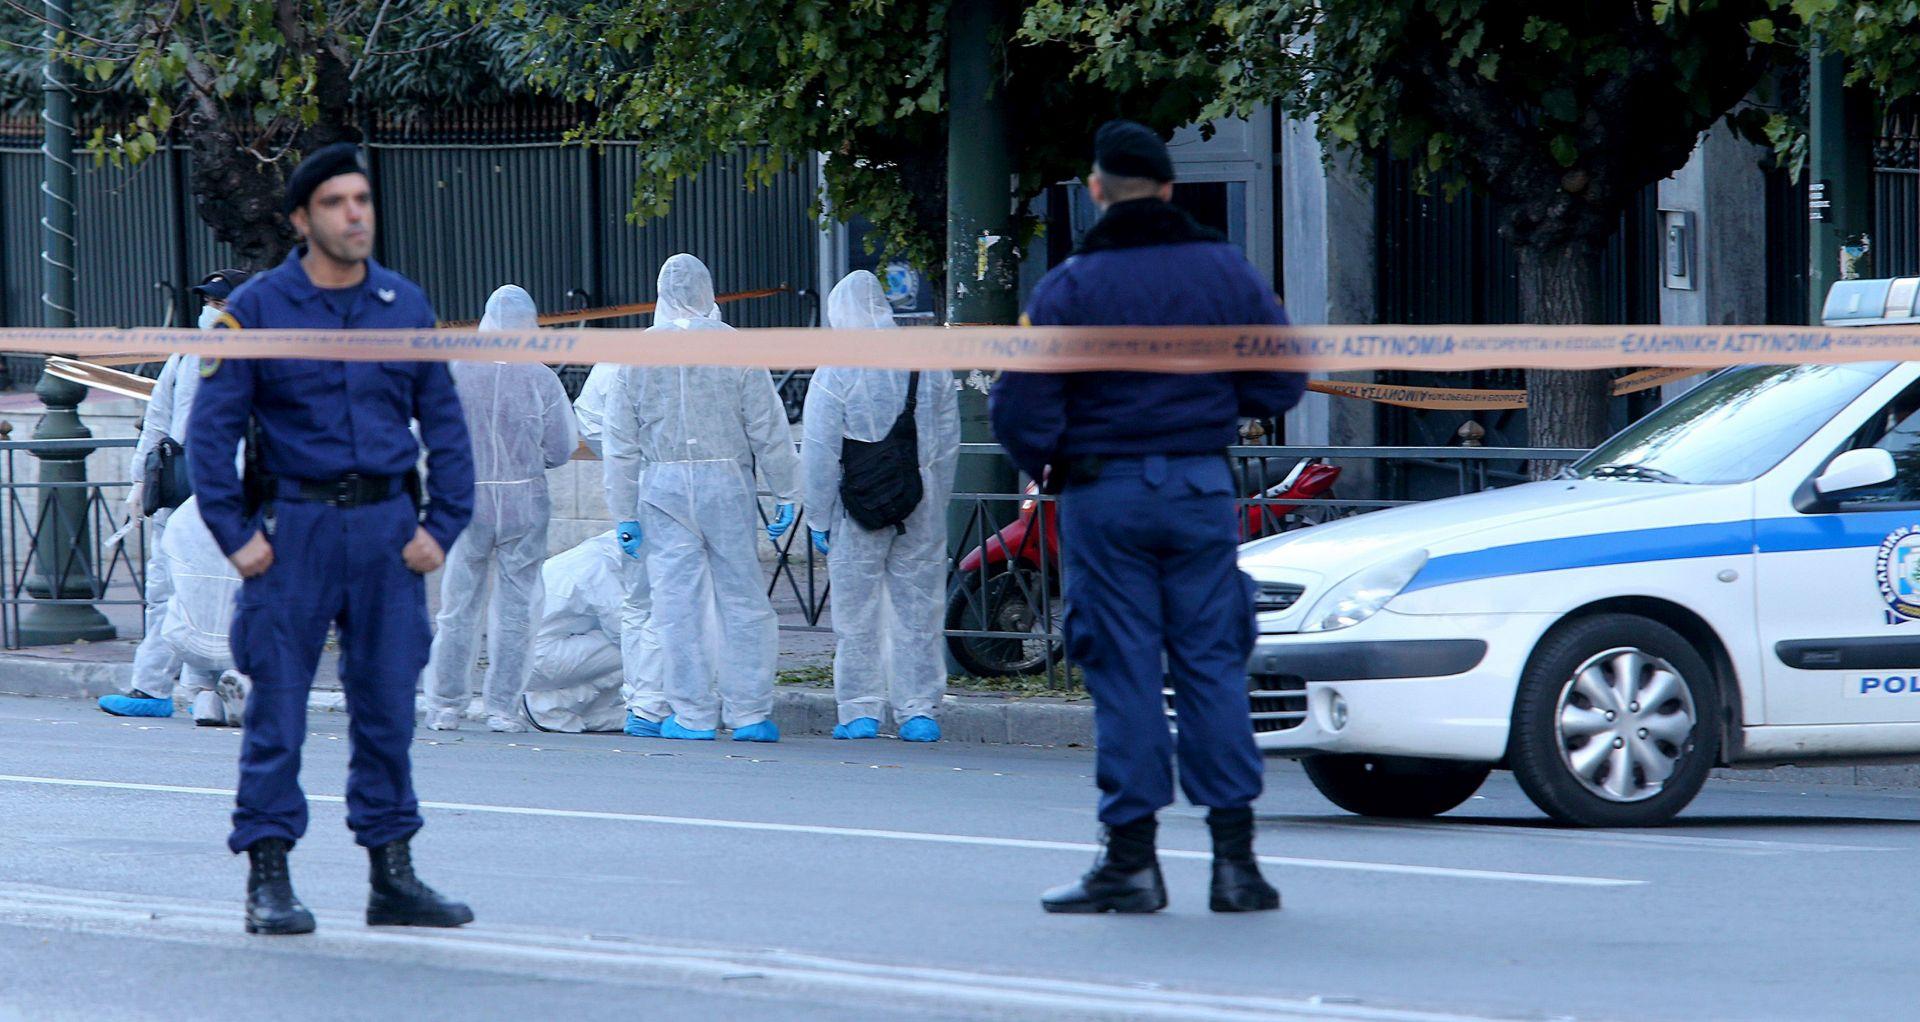 U Francuskoj spriječen novi napad, sedam privedenih